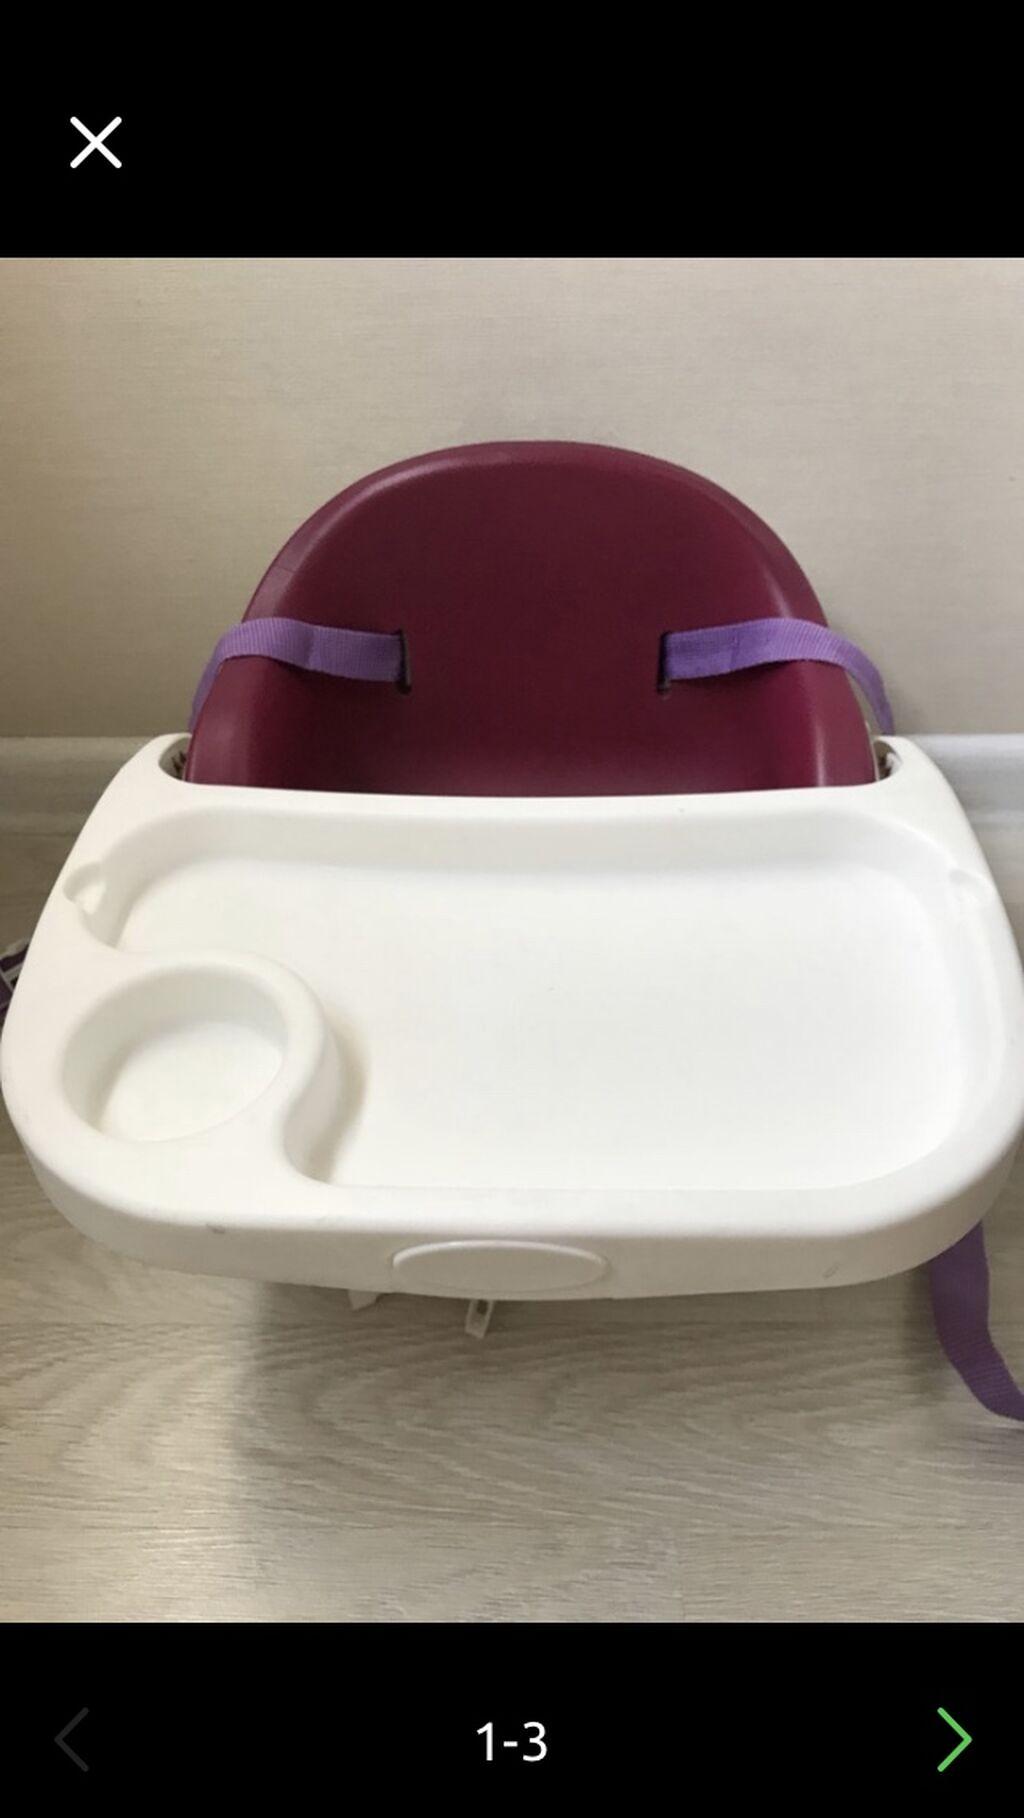 Продаю детский переносной стул для кормления, очень удобный для транспортировки